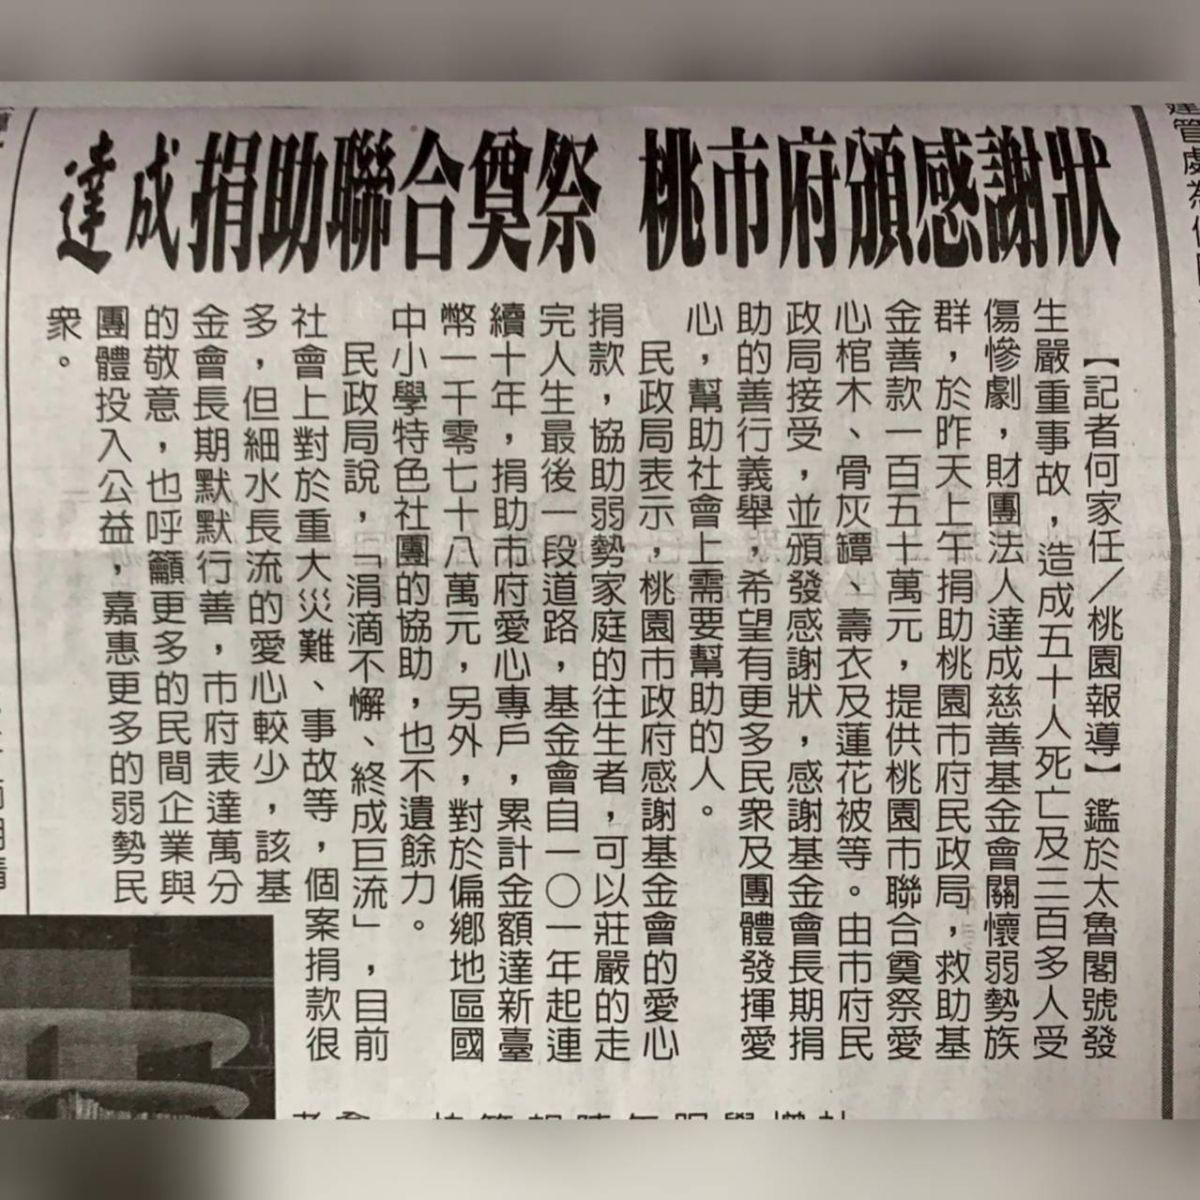 110/4/11真晨報-達成捐助報導